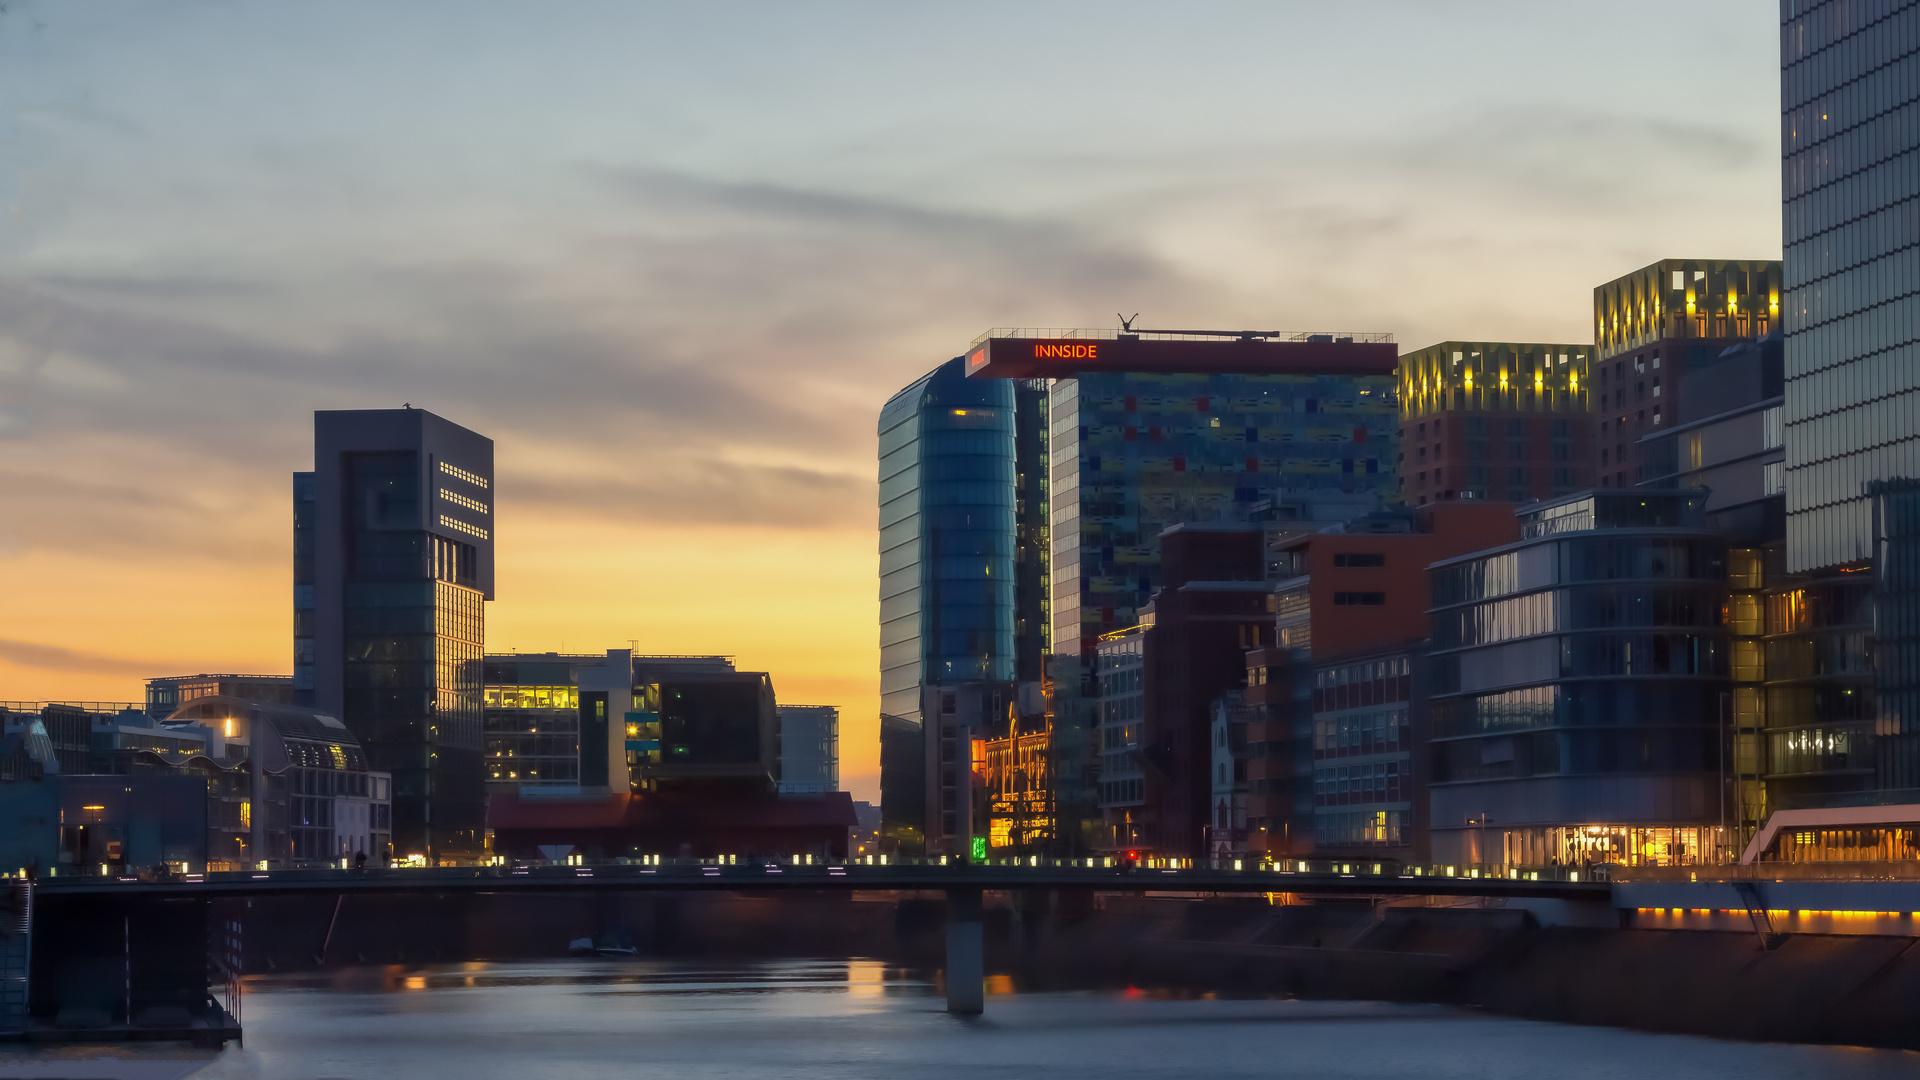 Sonnenuntergang am Medienhafen